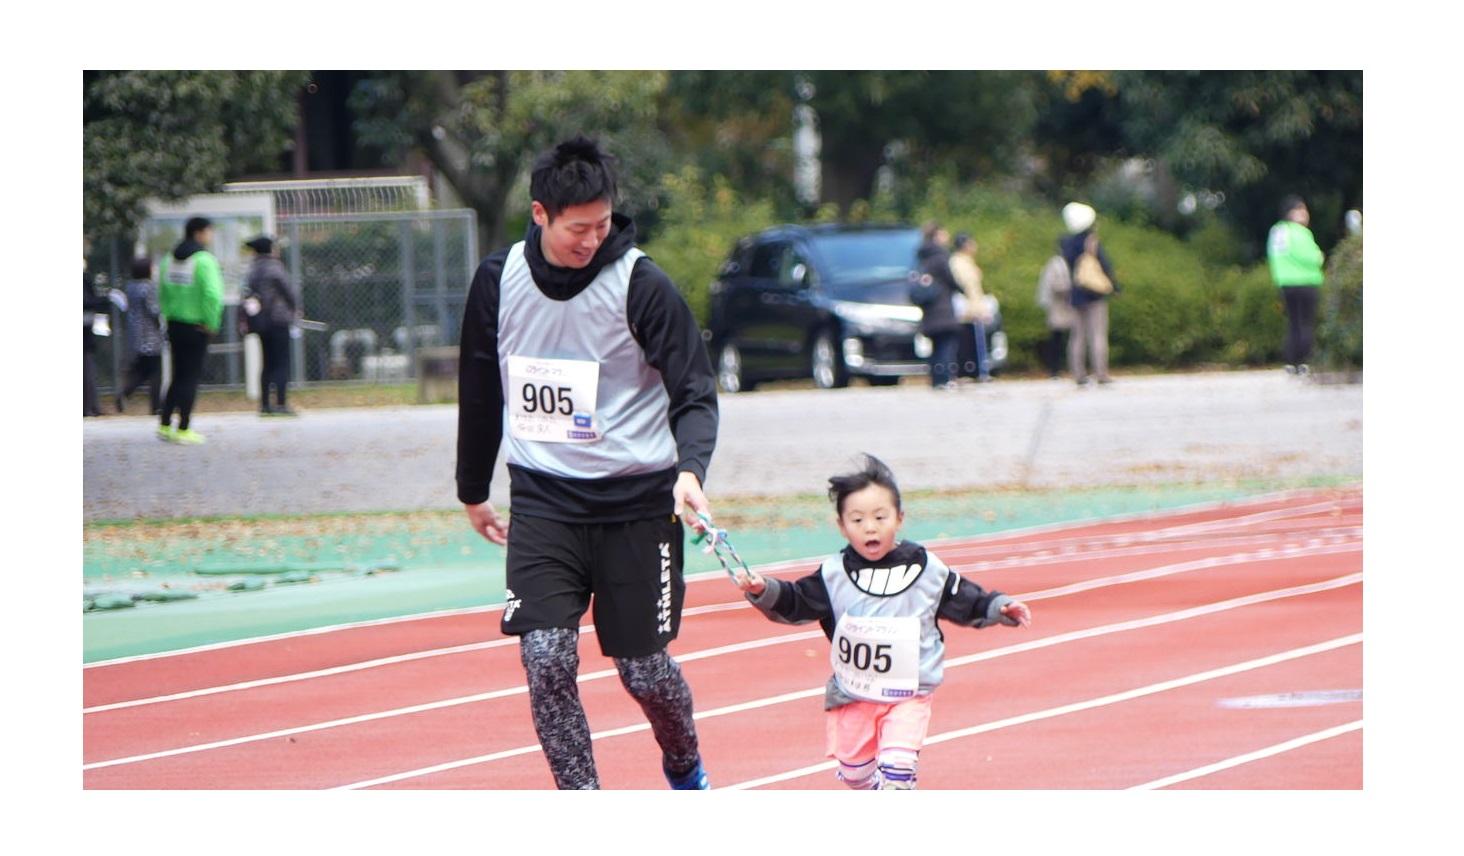 小さな子どもと一緒に走るお父さん